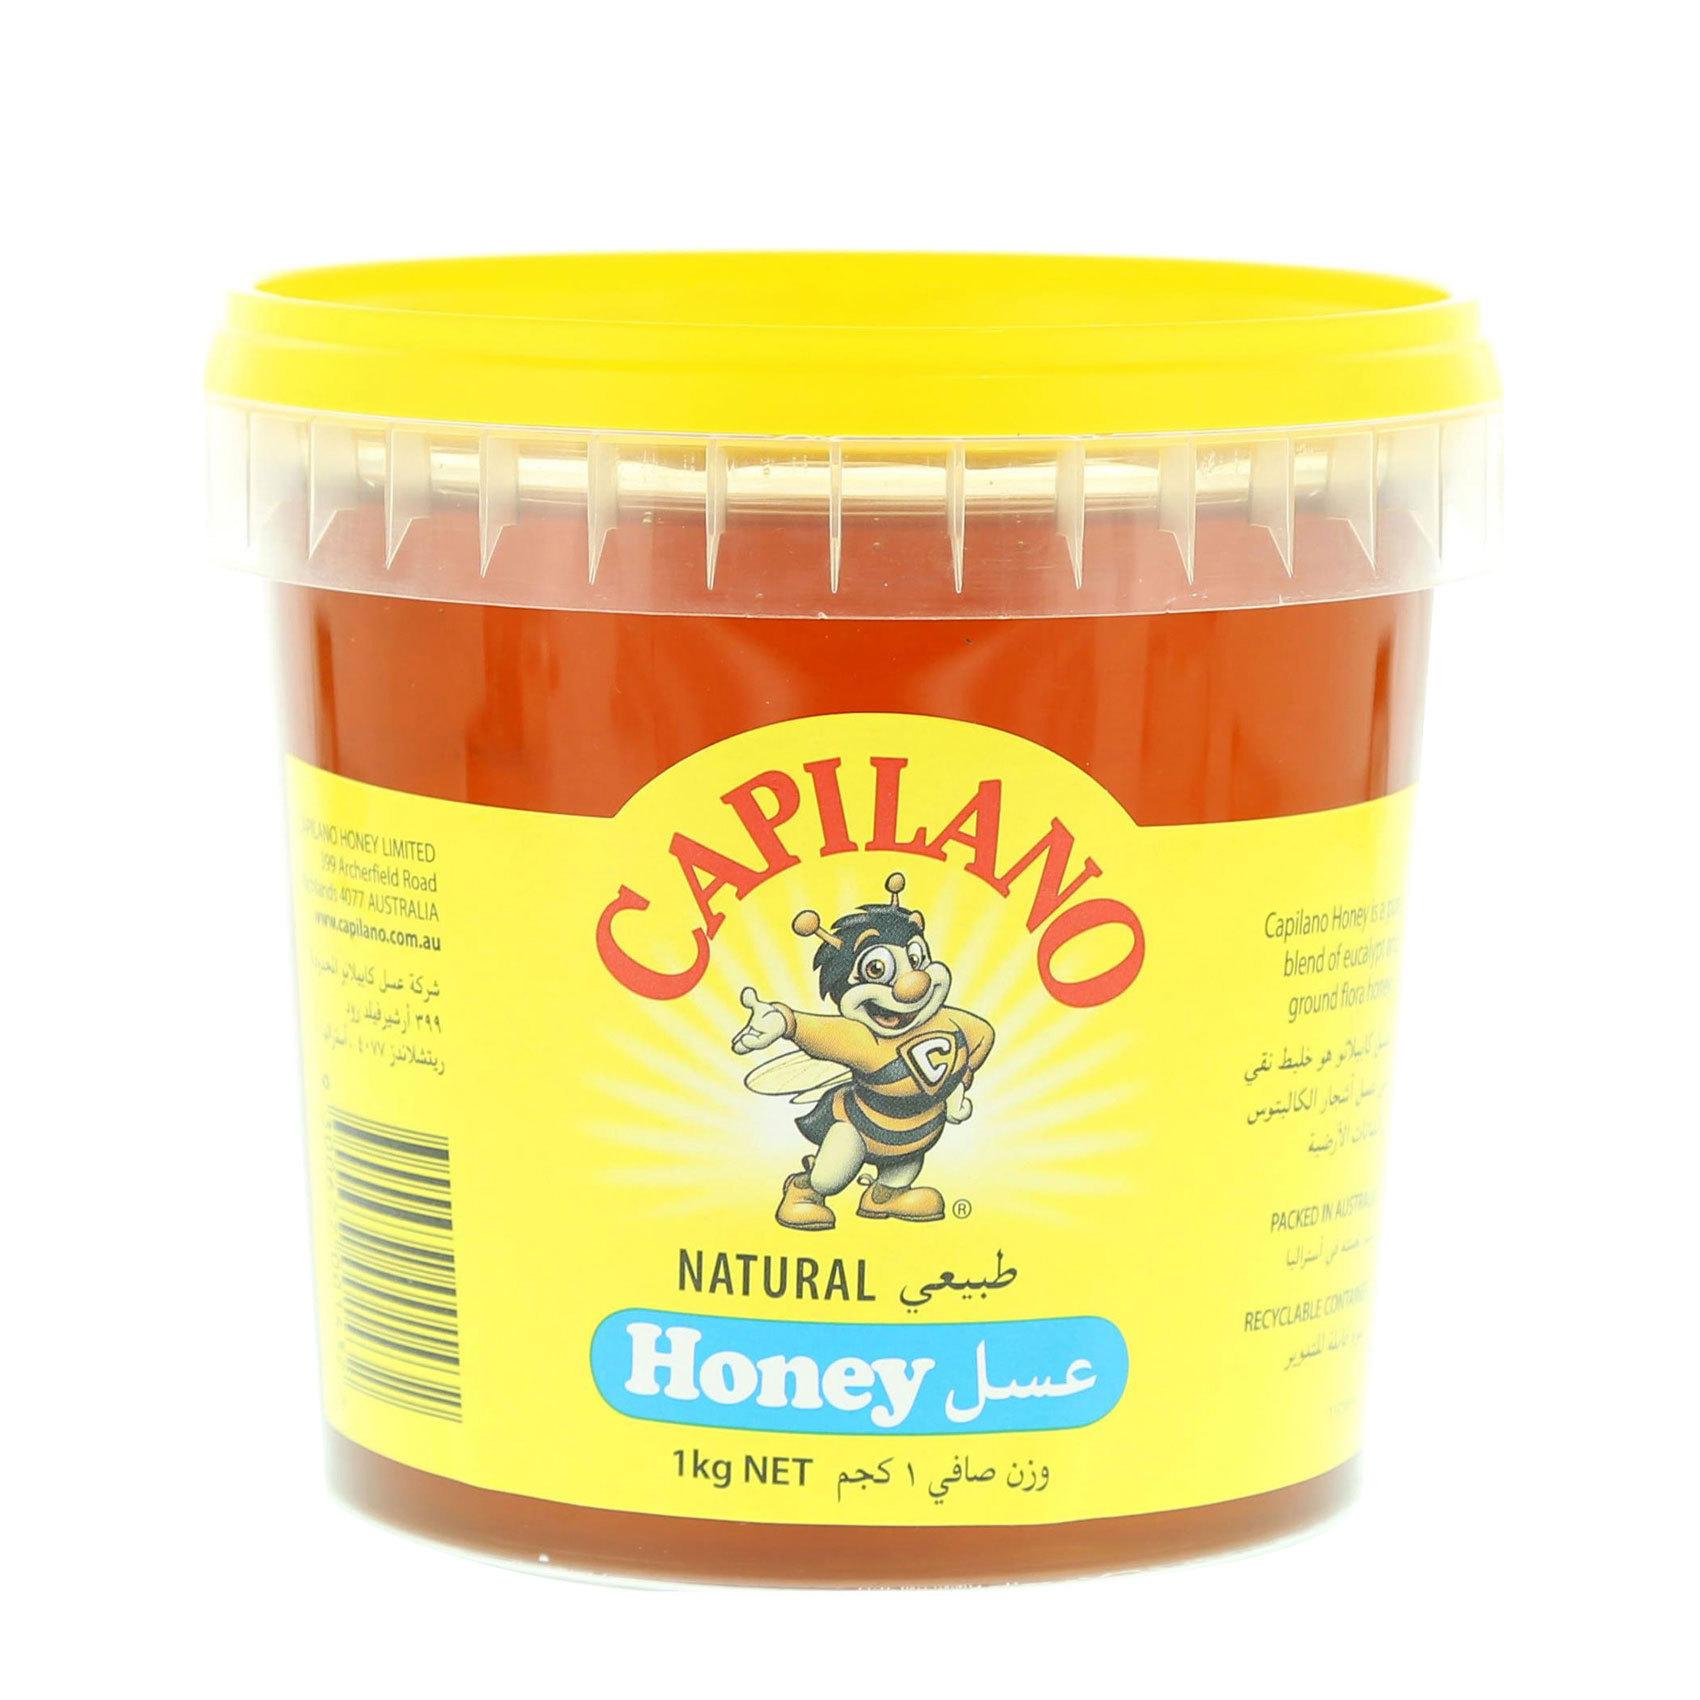 CAPILANO HONEY BKT 1KG